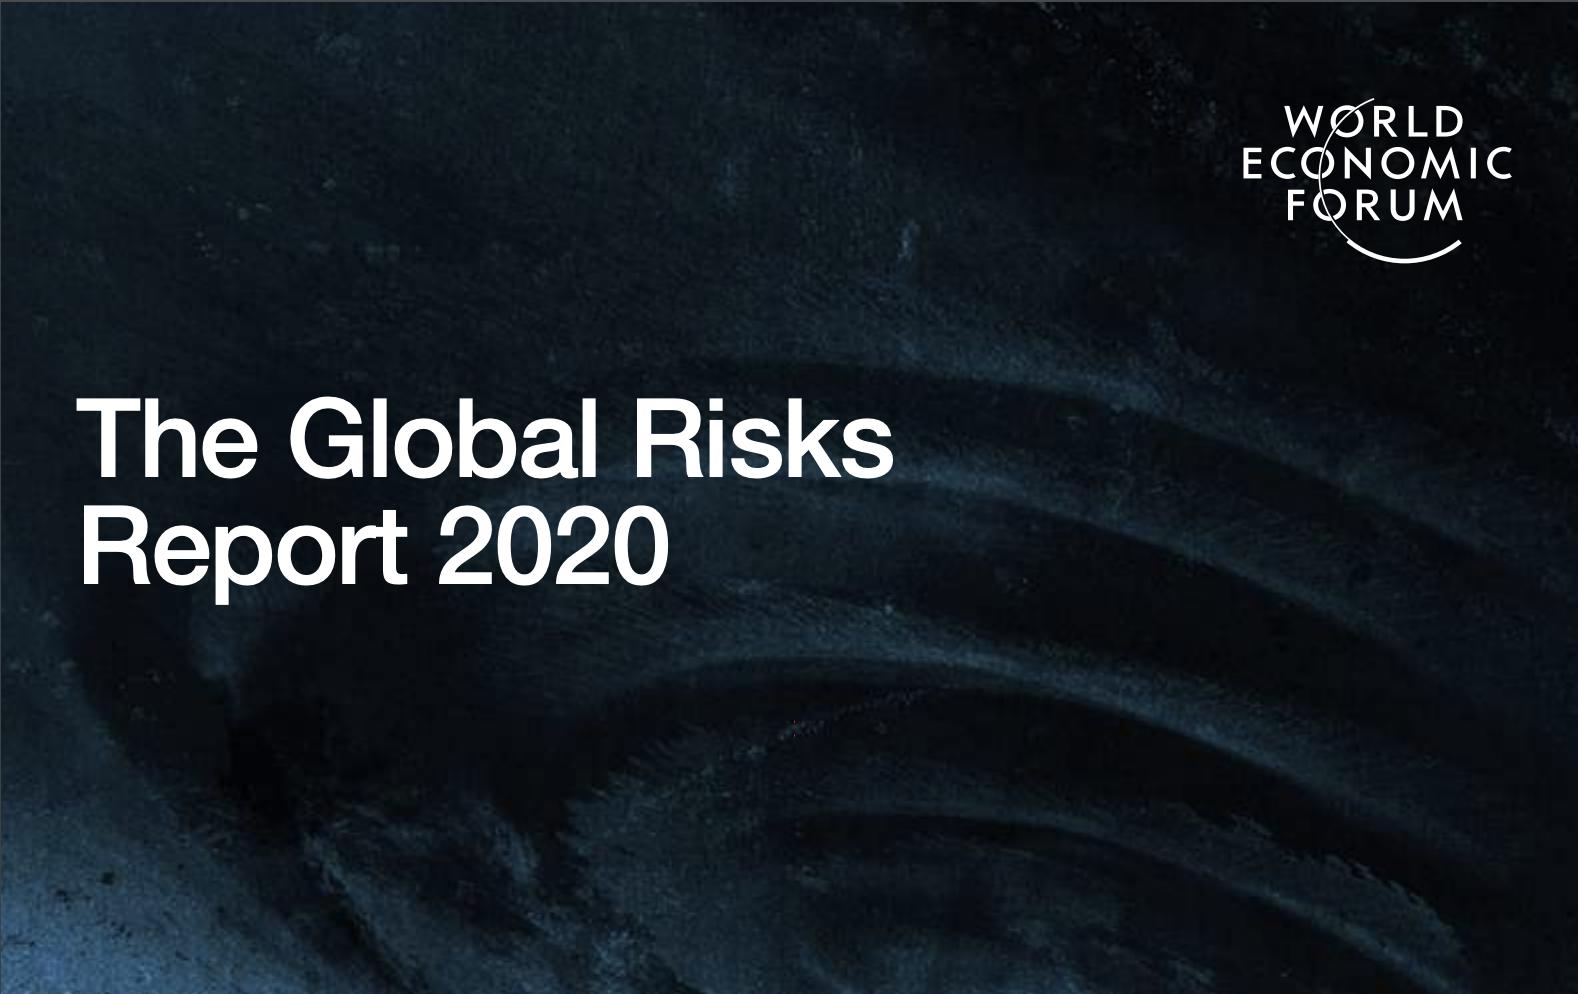 Gezegen Yanıyor – 2020'de iklim yangınları ve siyasi kutuplaşma konuları alevleniyor